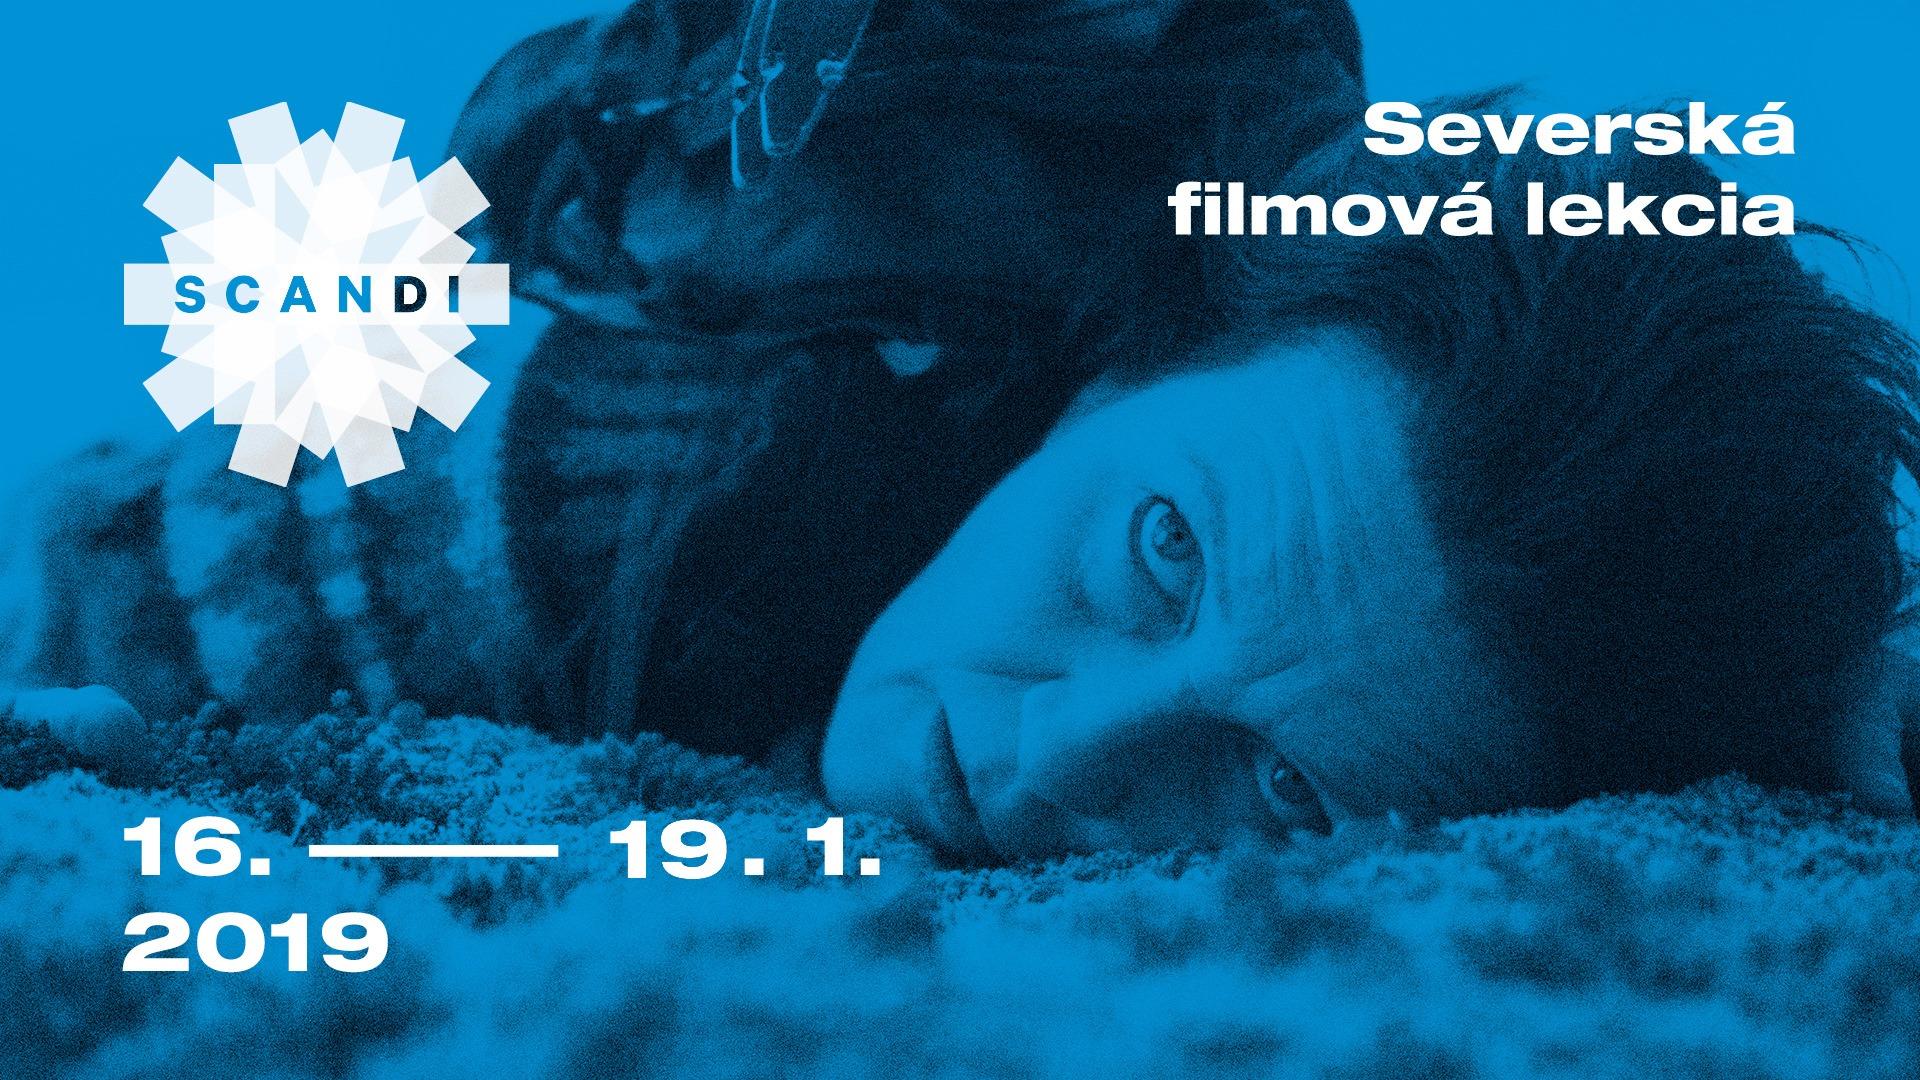 Filmový klub FK 93: Scandi 2019 v Prievidzi